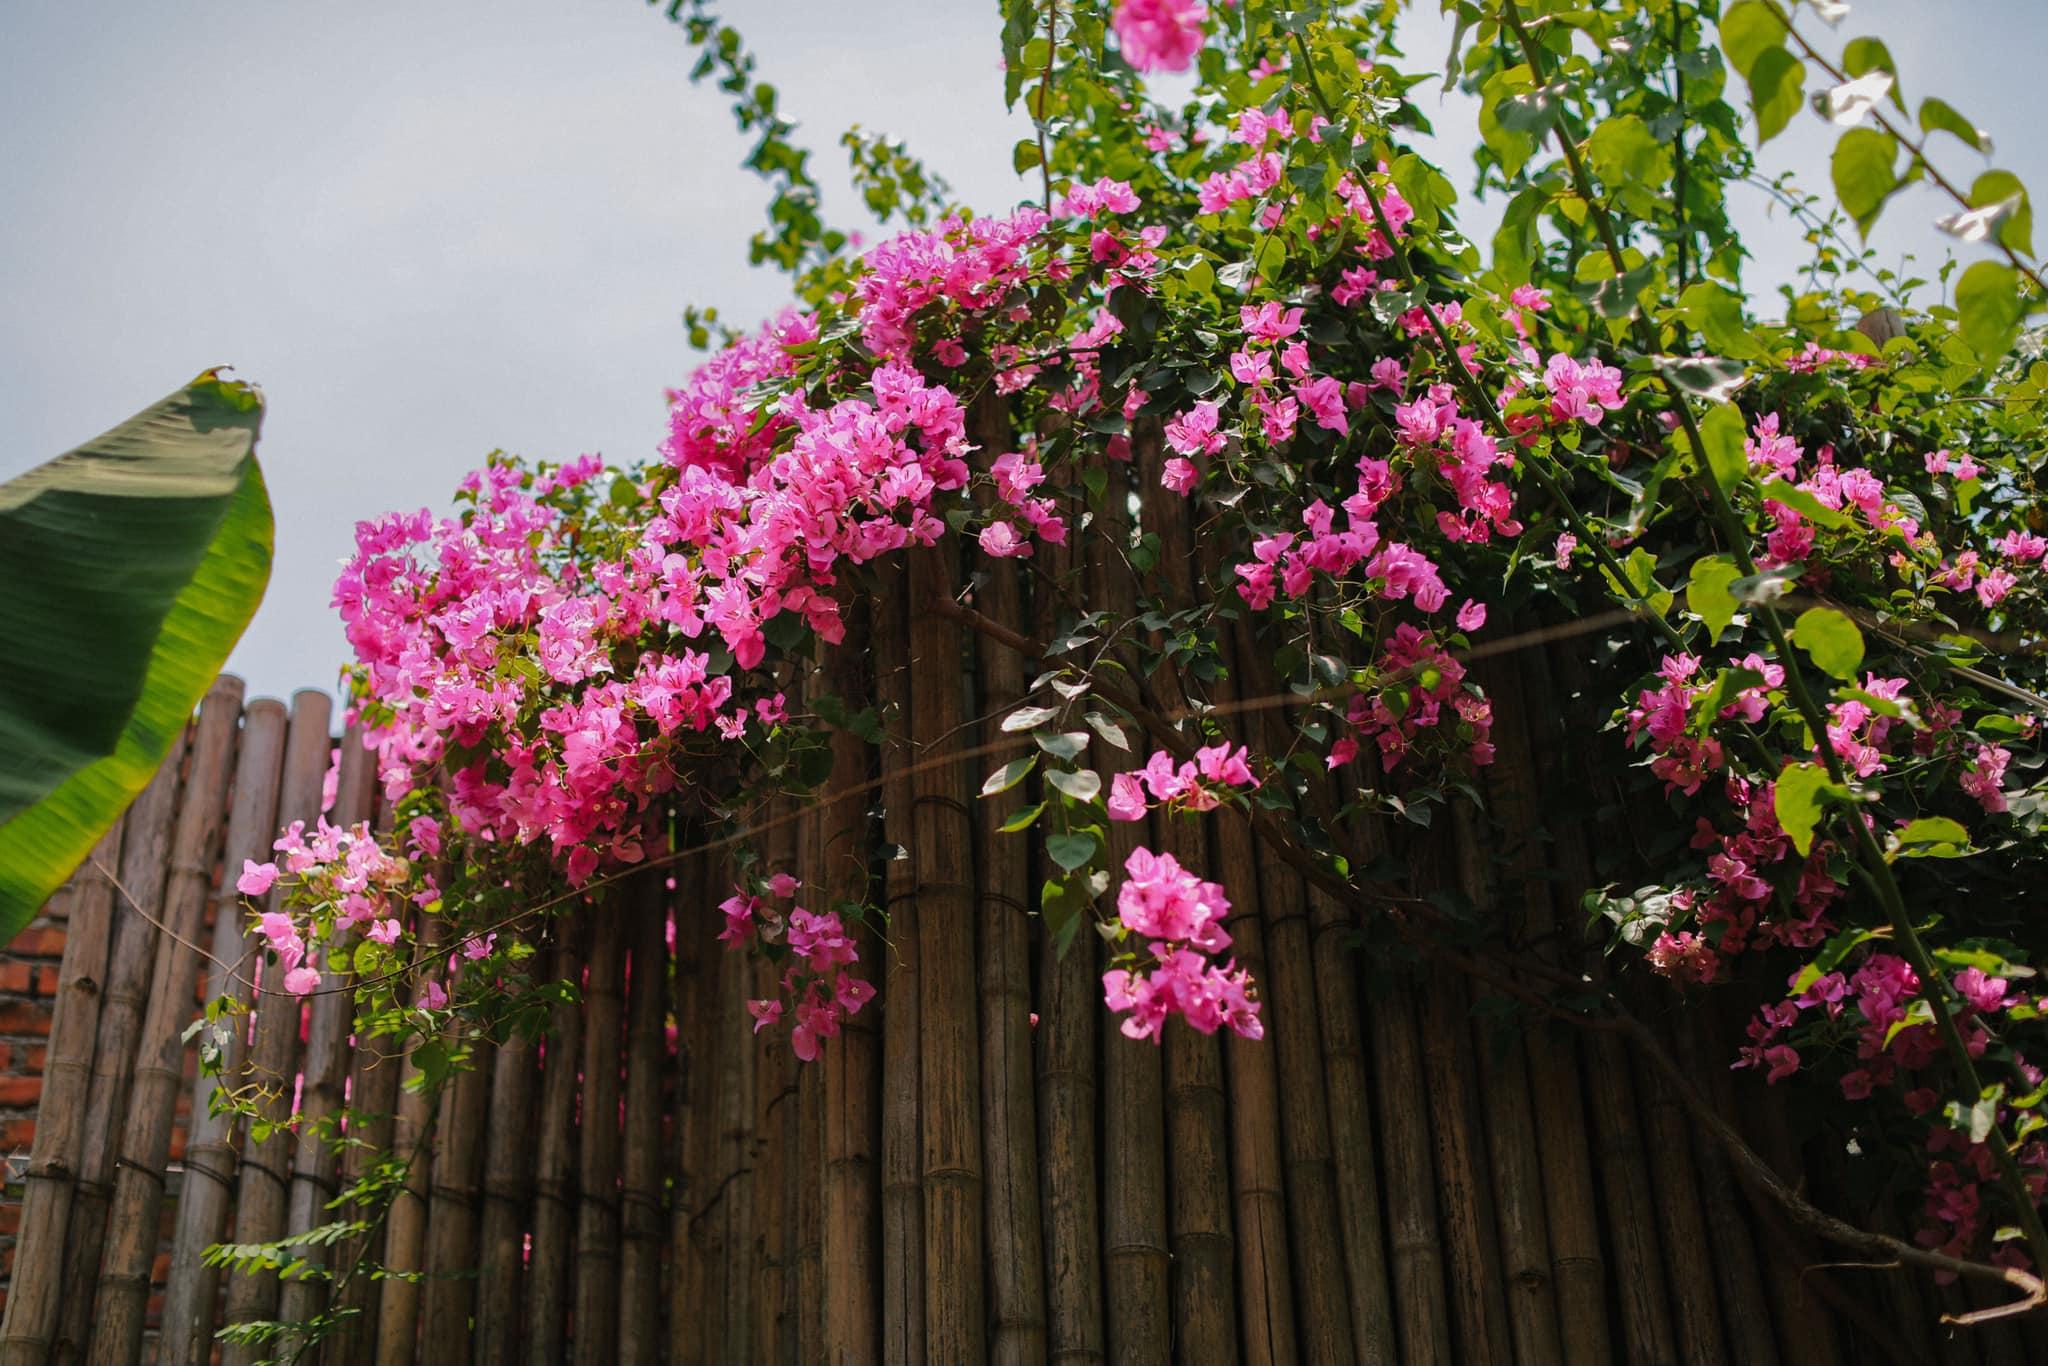 Mê mẩn với căn nhà second-home đẹp đến phát thèm tại ngoại ô Hà Nội, lộ bí quyết nhà đẹp quanh năm chỉ với 0 đồng của bà chủ nhà - Ảnh 20.